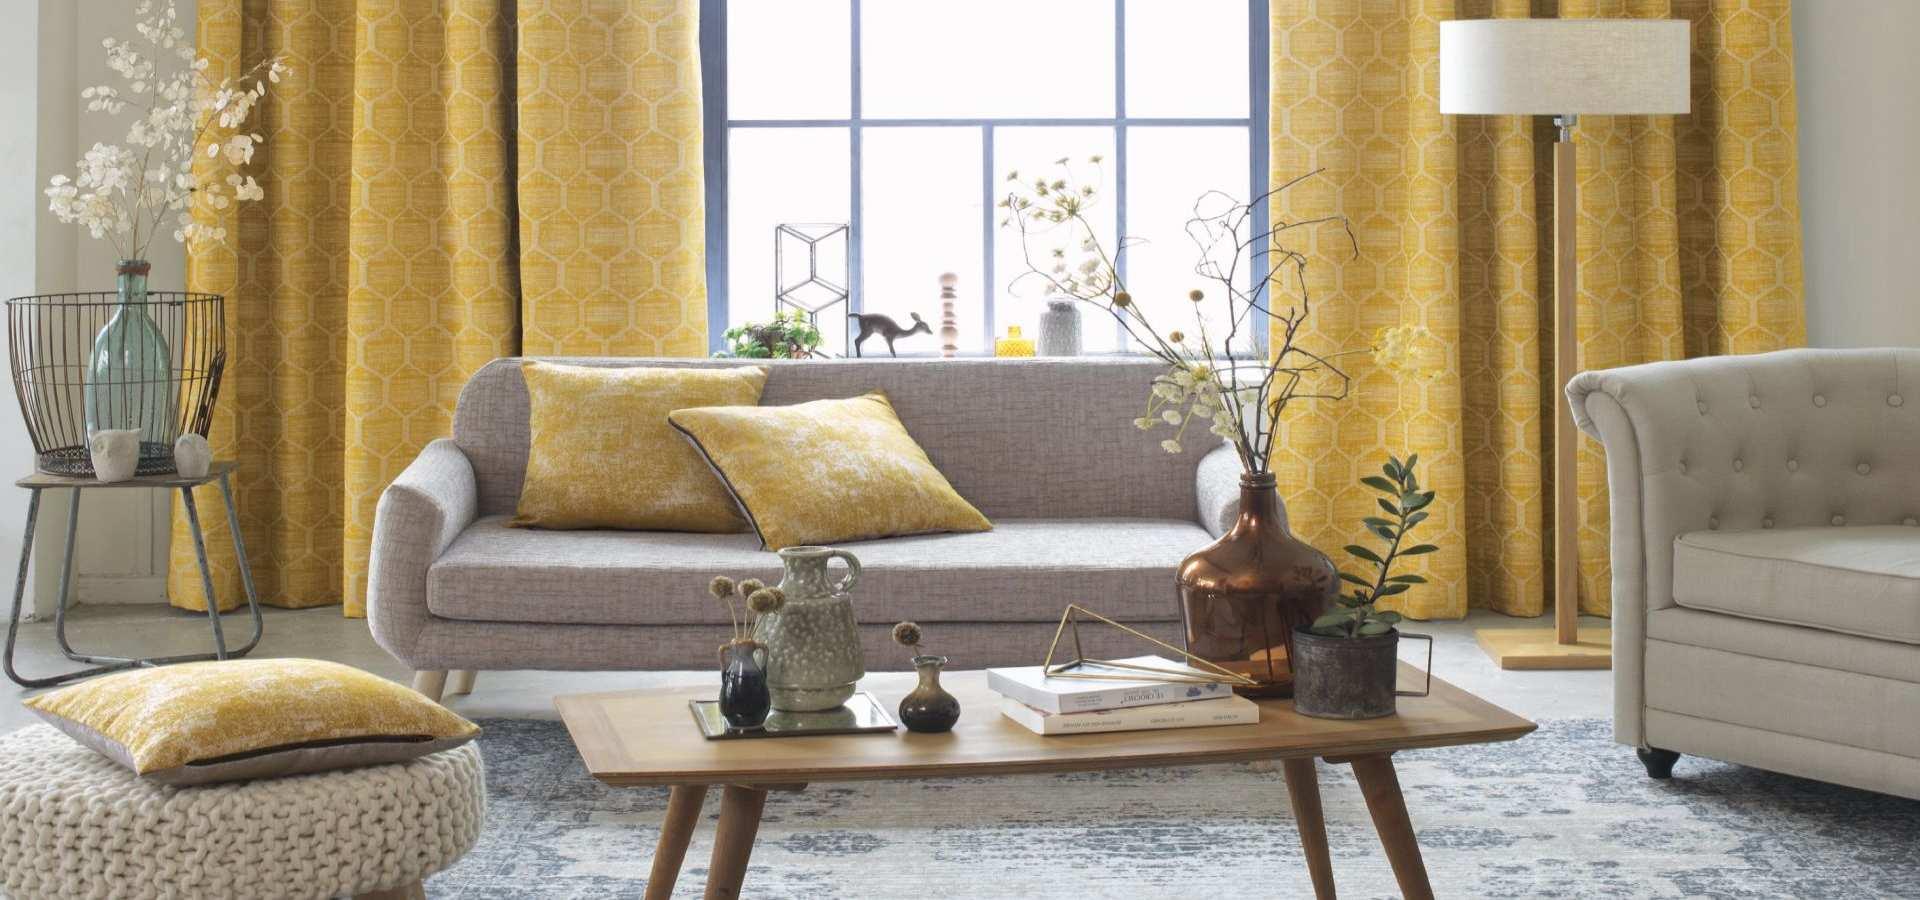 Wohnzimmer Gardine gelb mit Wabenmuster